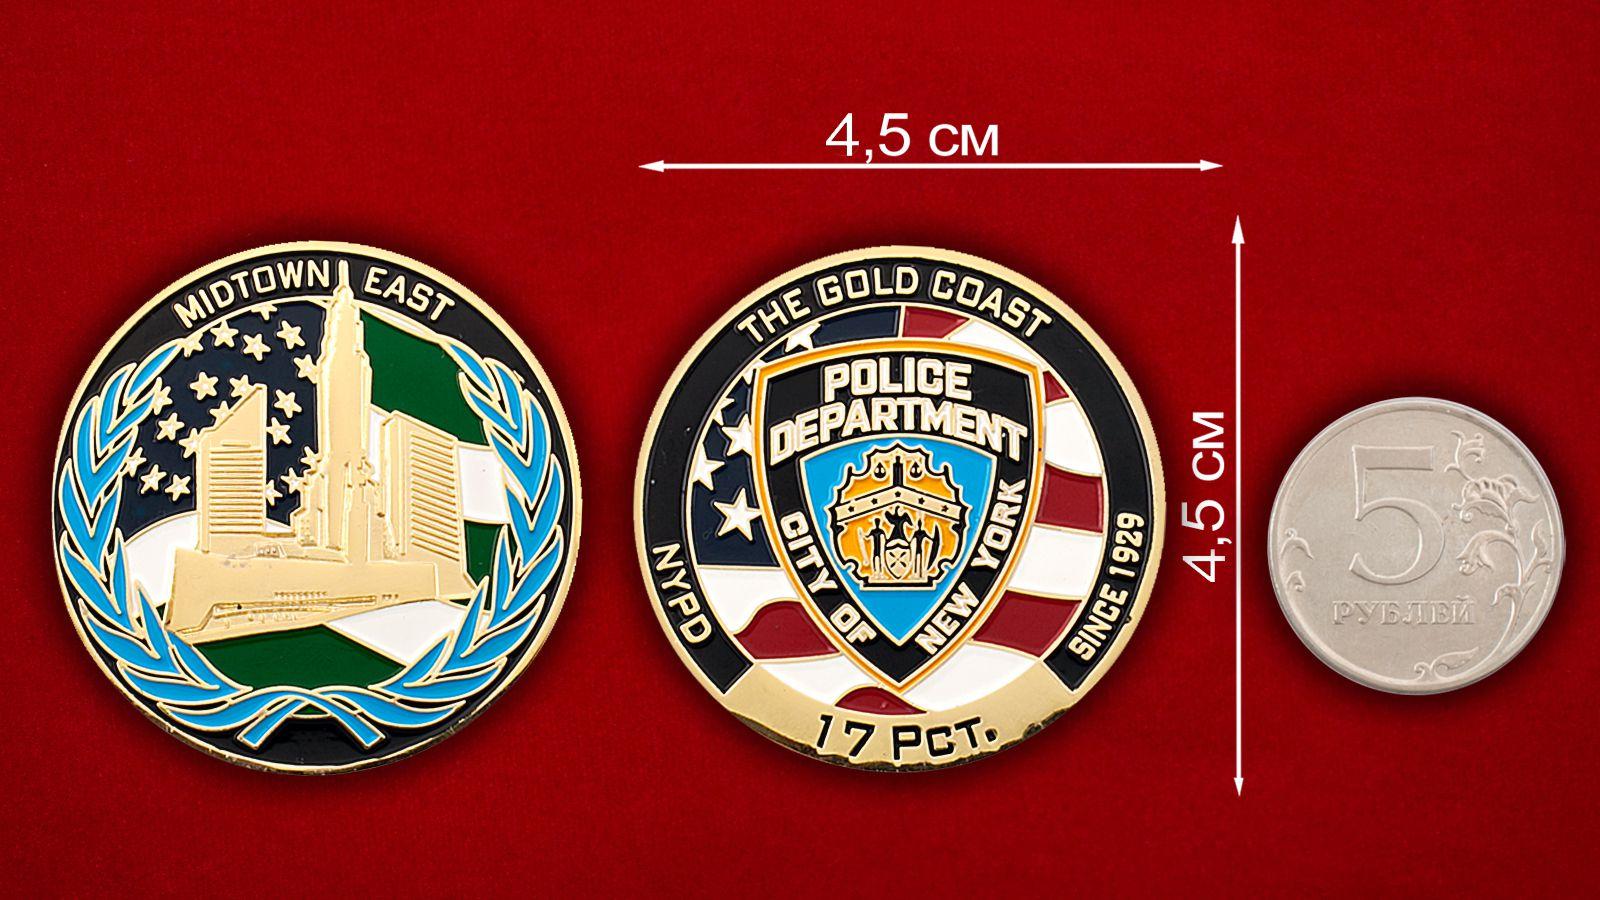 Челлендж коин Департамента полиции Северного побережья Лонг-Айленда - сравнительный размер